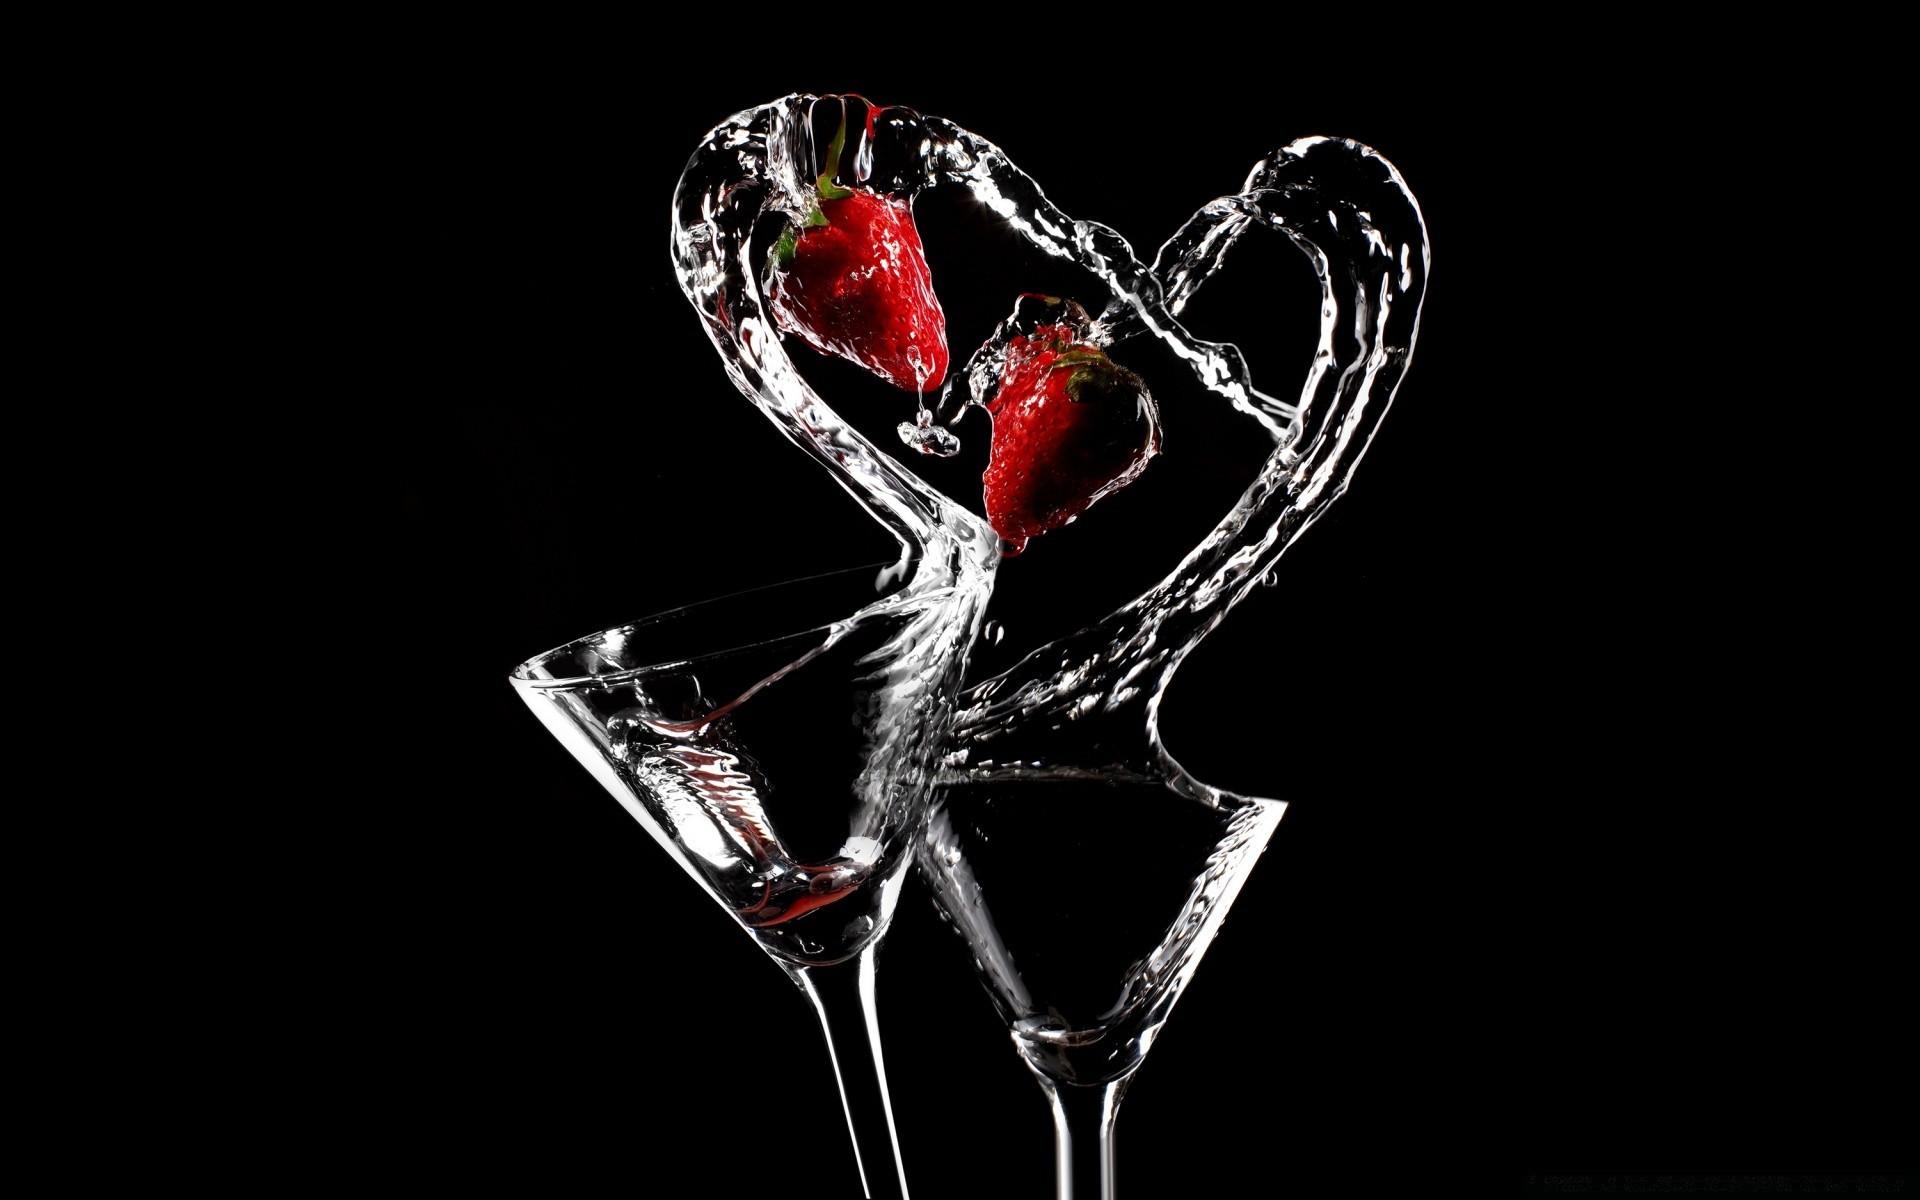 любовь сердце белое  № 1590586 бесплатно